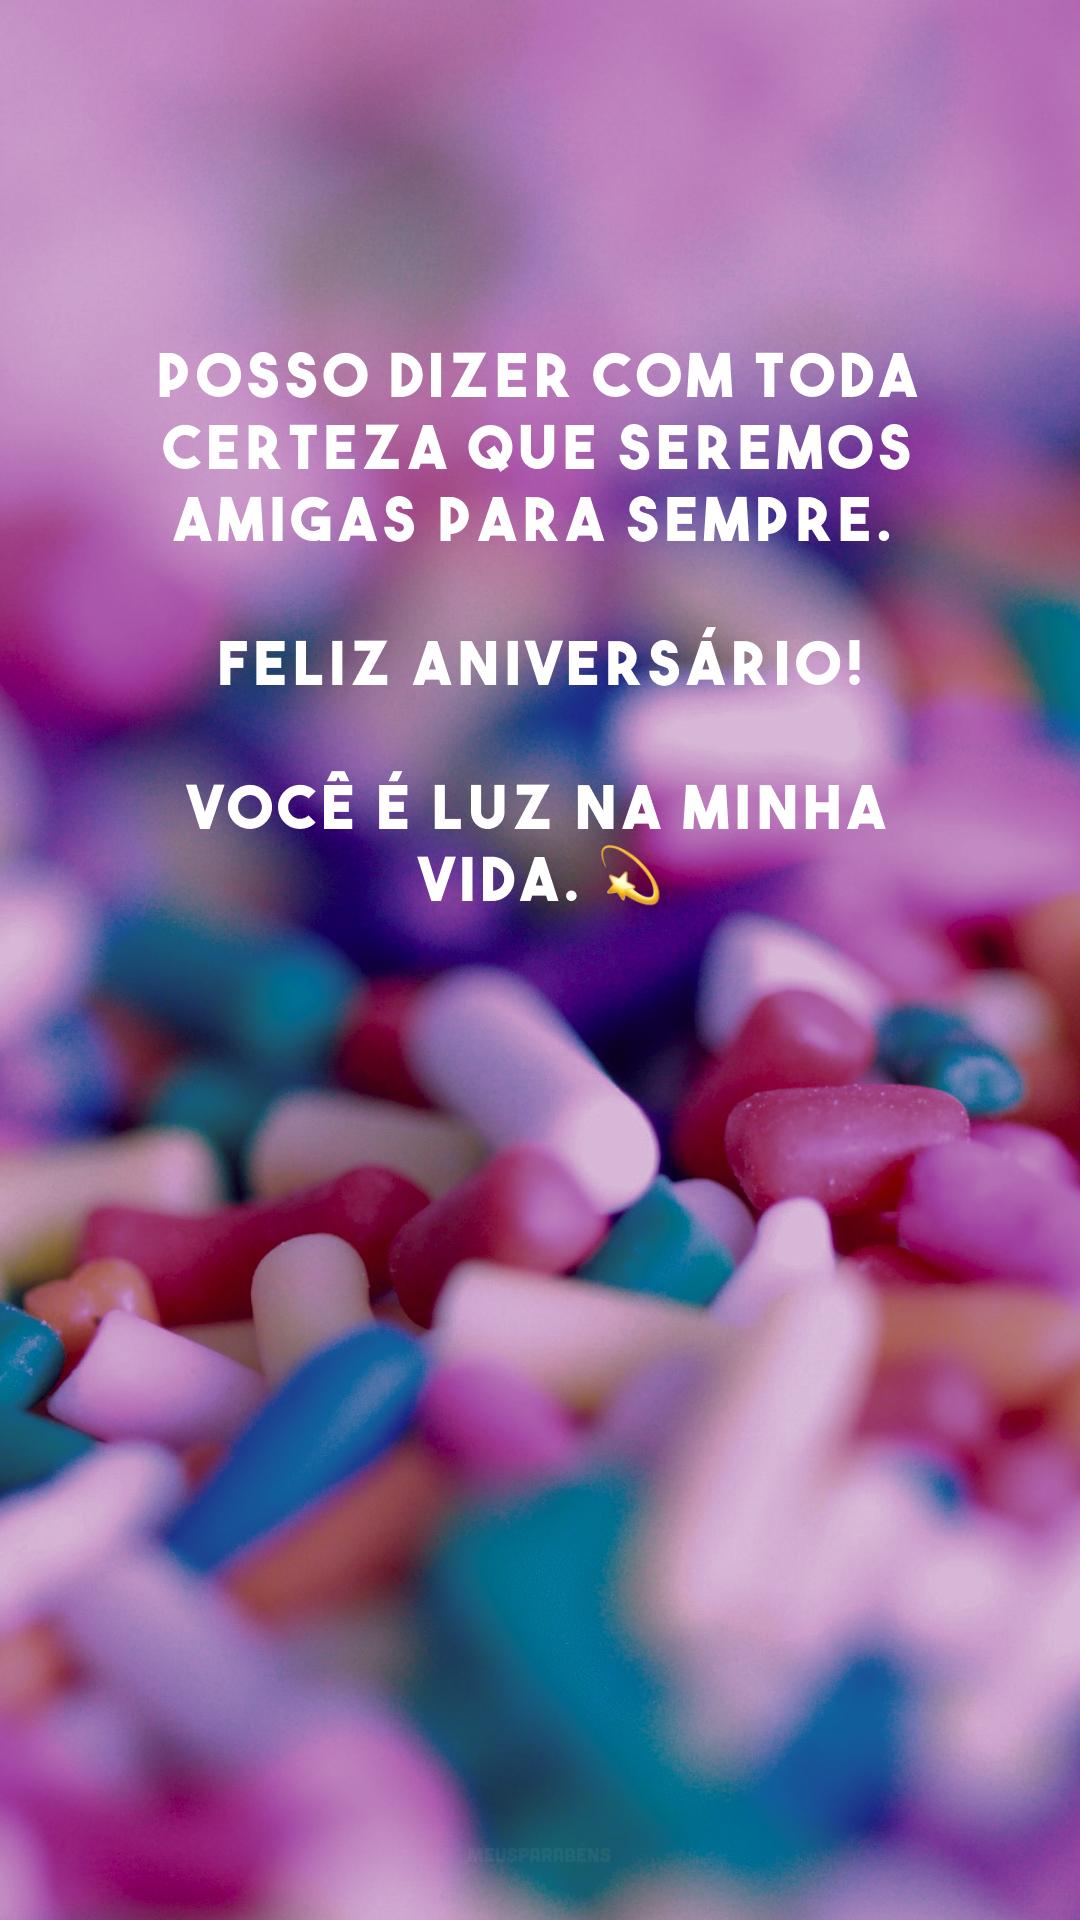 Posso dizer com toda certeza que seremos amigas para sempre. Feliz aniversário! Você é luz na minha vida. 💫